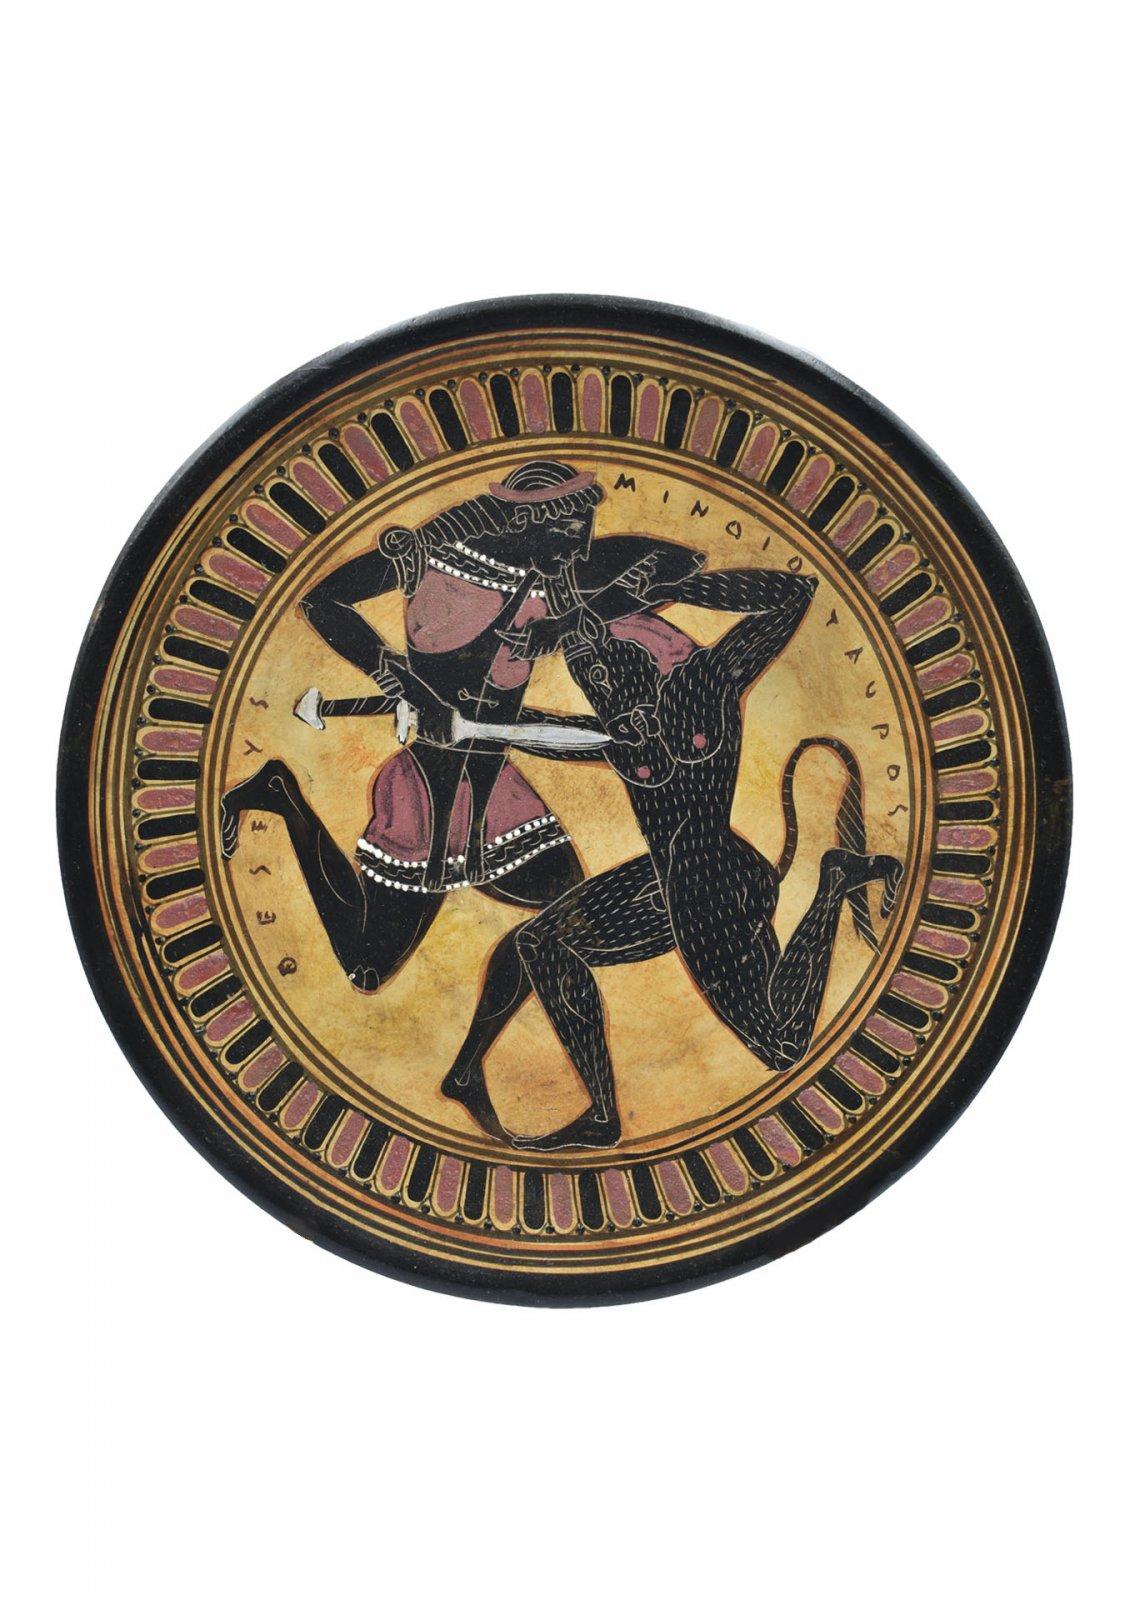 Greek ceramic plate replica depicting Theseus and Minotaur